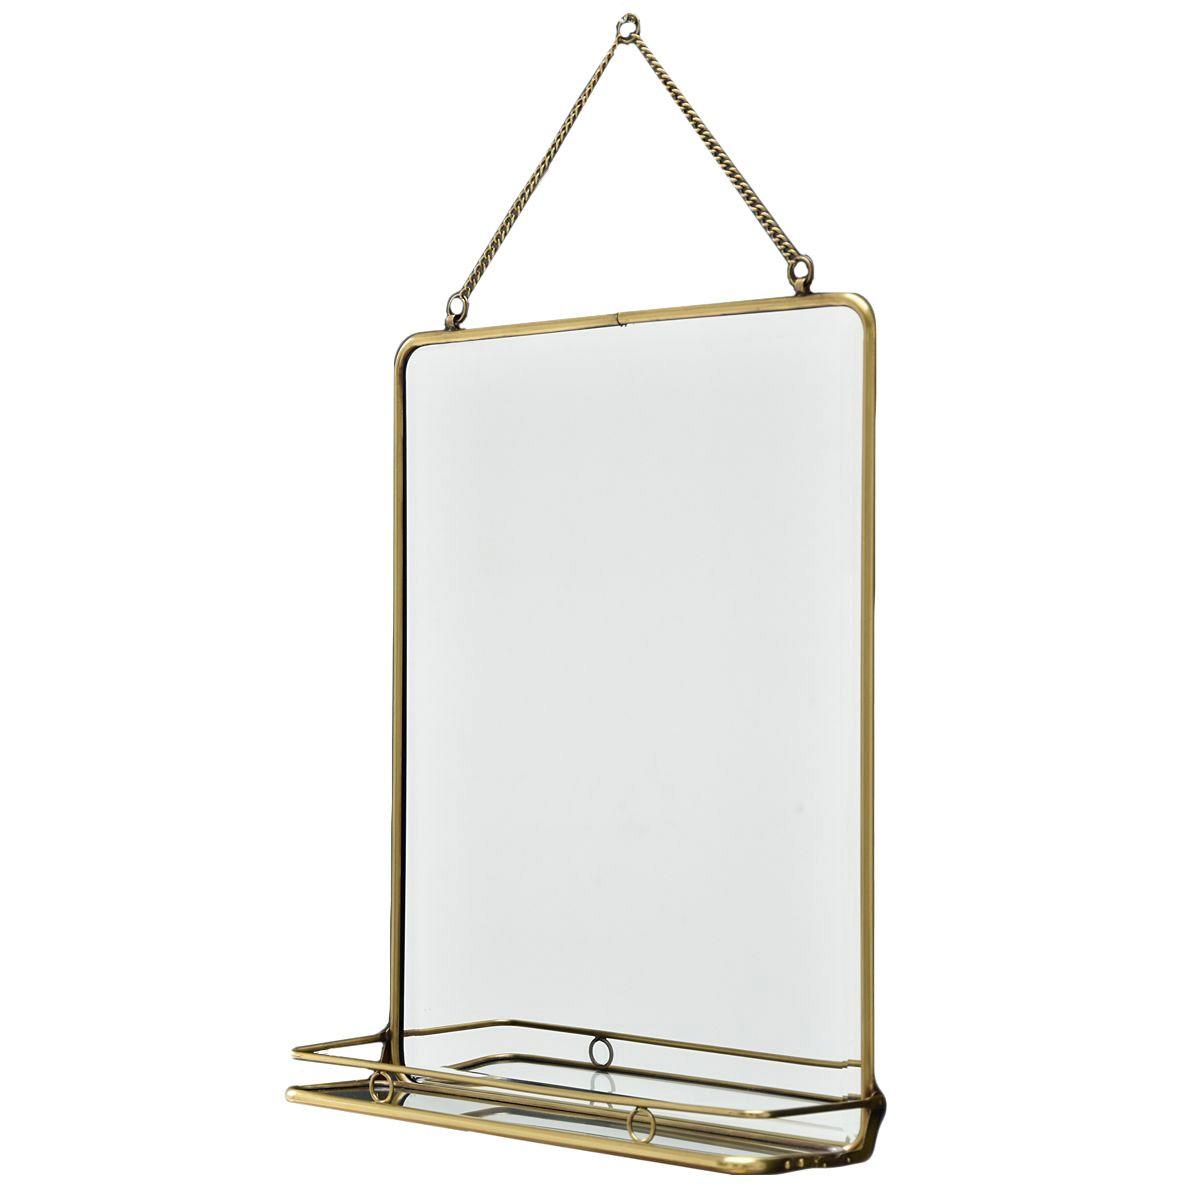 Miroir en laiton or 41x52